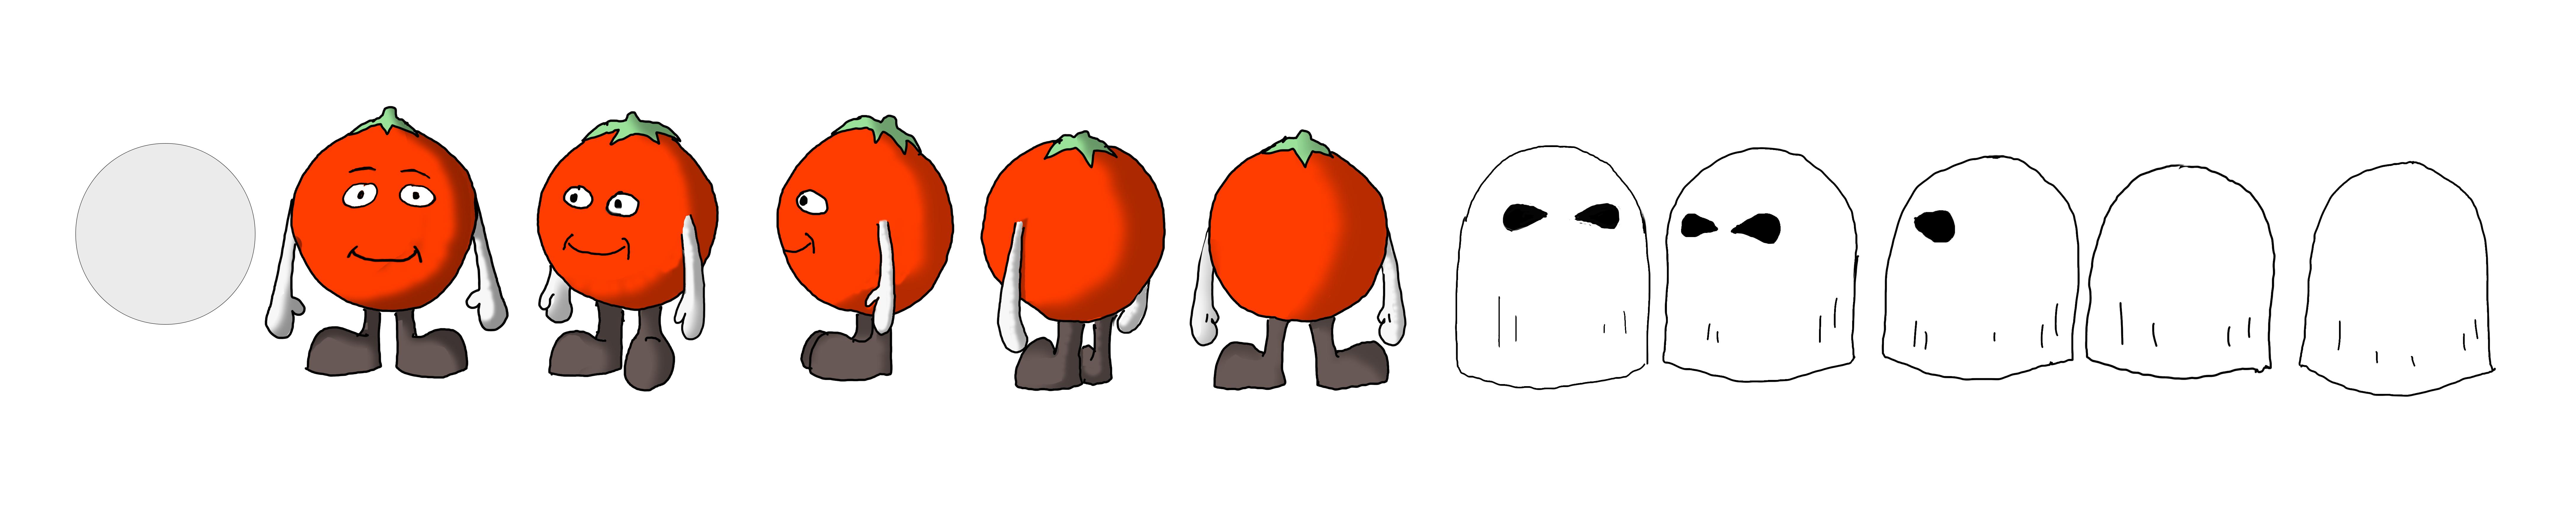 Tomato Child - shading